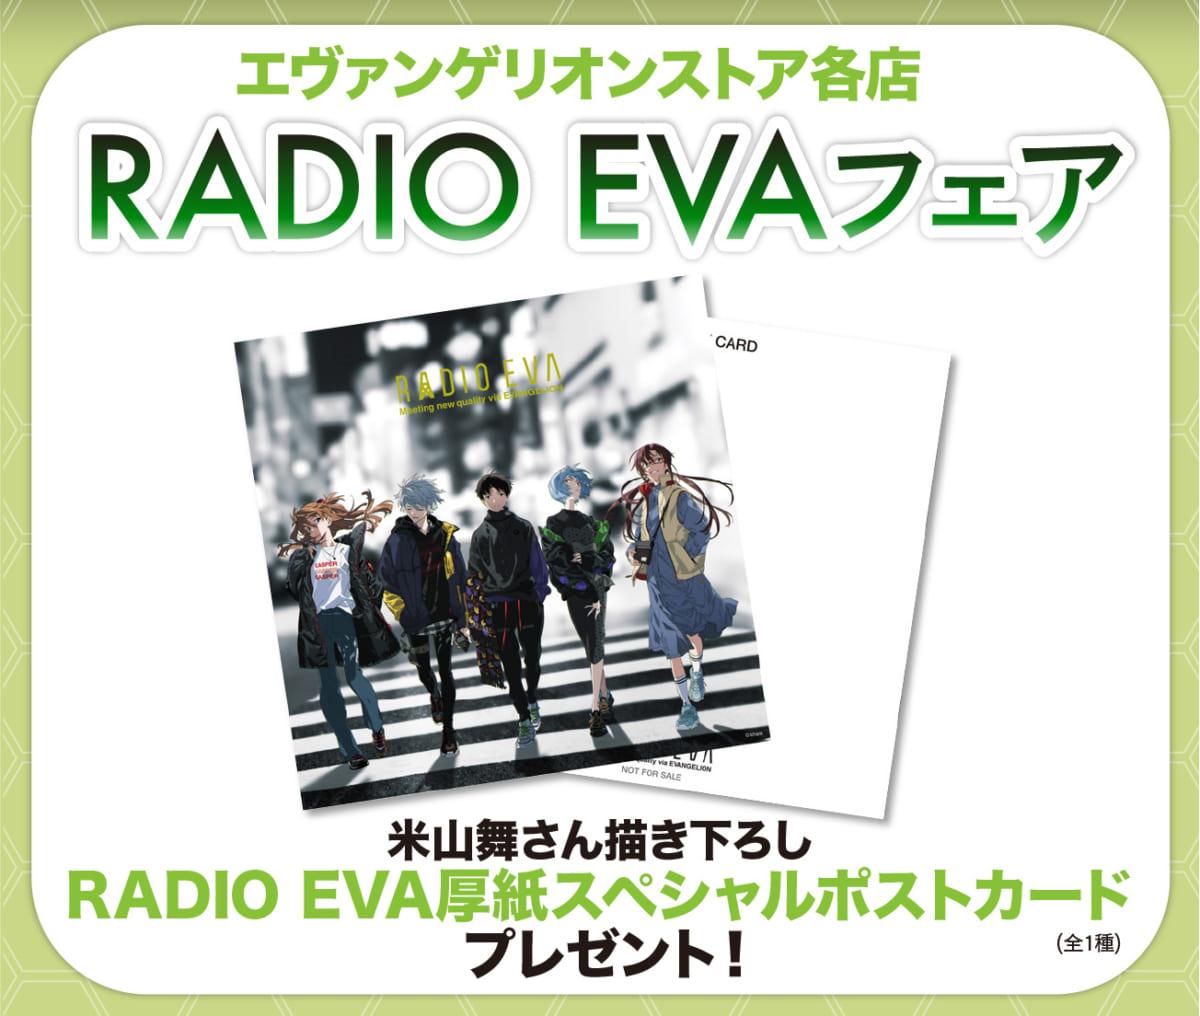 【お知らせ:エヴァストア各店(池袋・新宿・大阪・博多)にて、2月1日(月)より『RADIO EVAフェア』開催!】(2021.1.27更新)